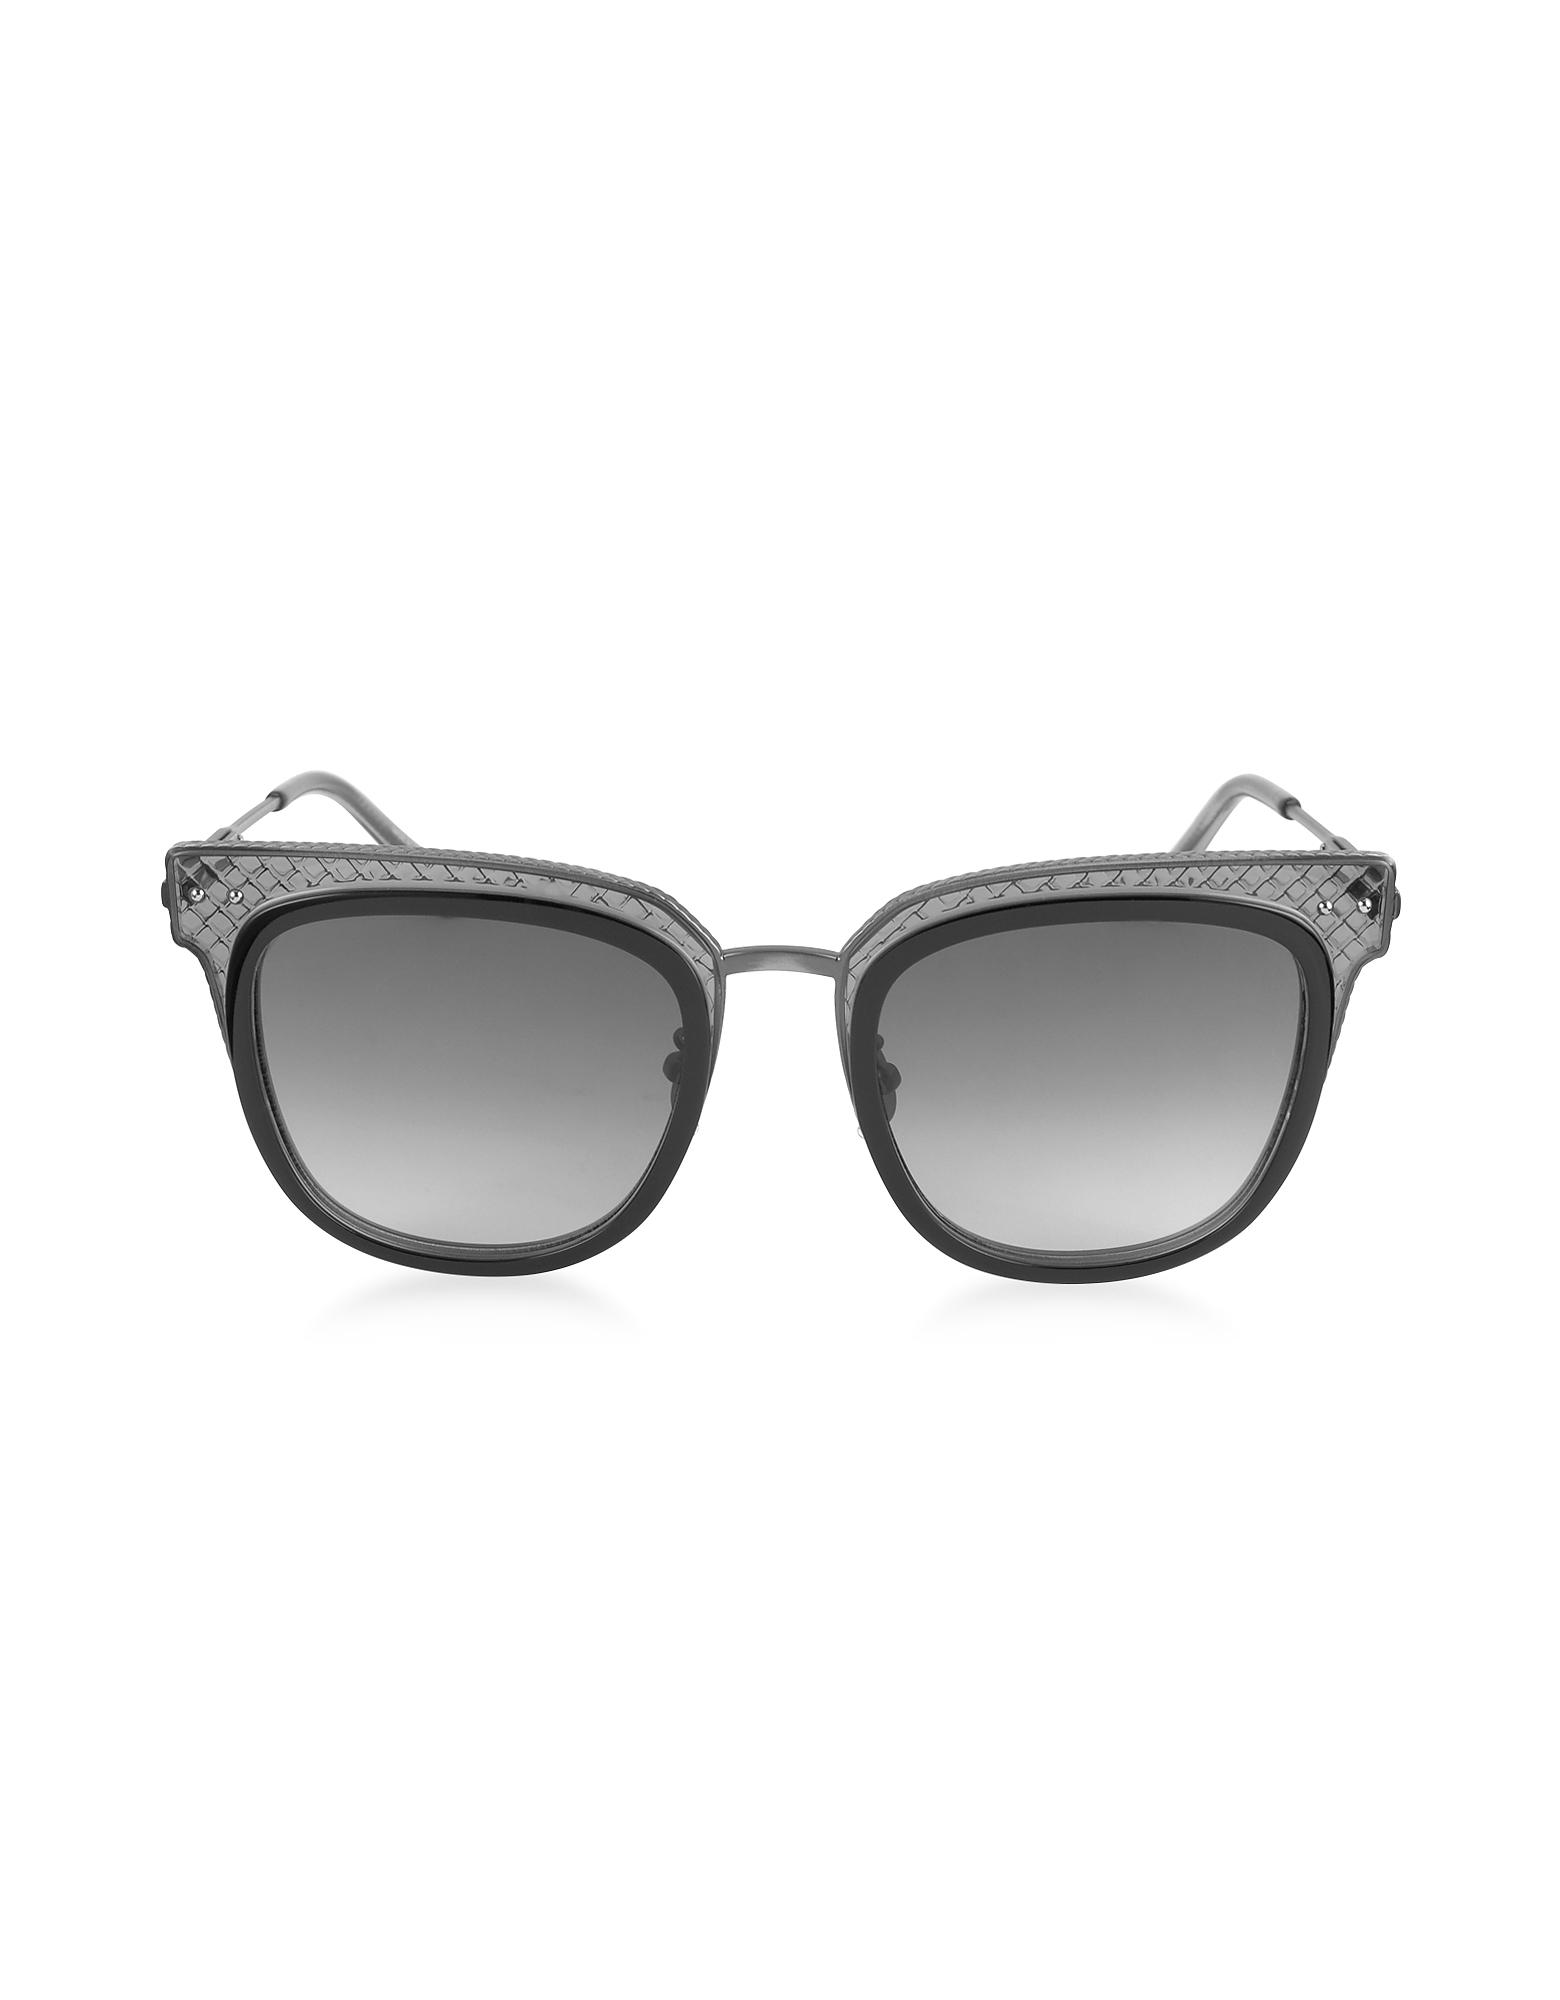 BV0122S - Женские Солнечные Очки в Квадратной Оправе из Ацетата